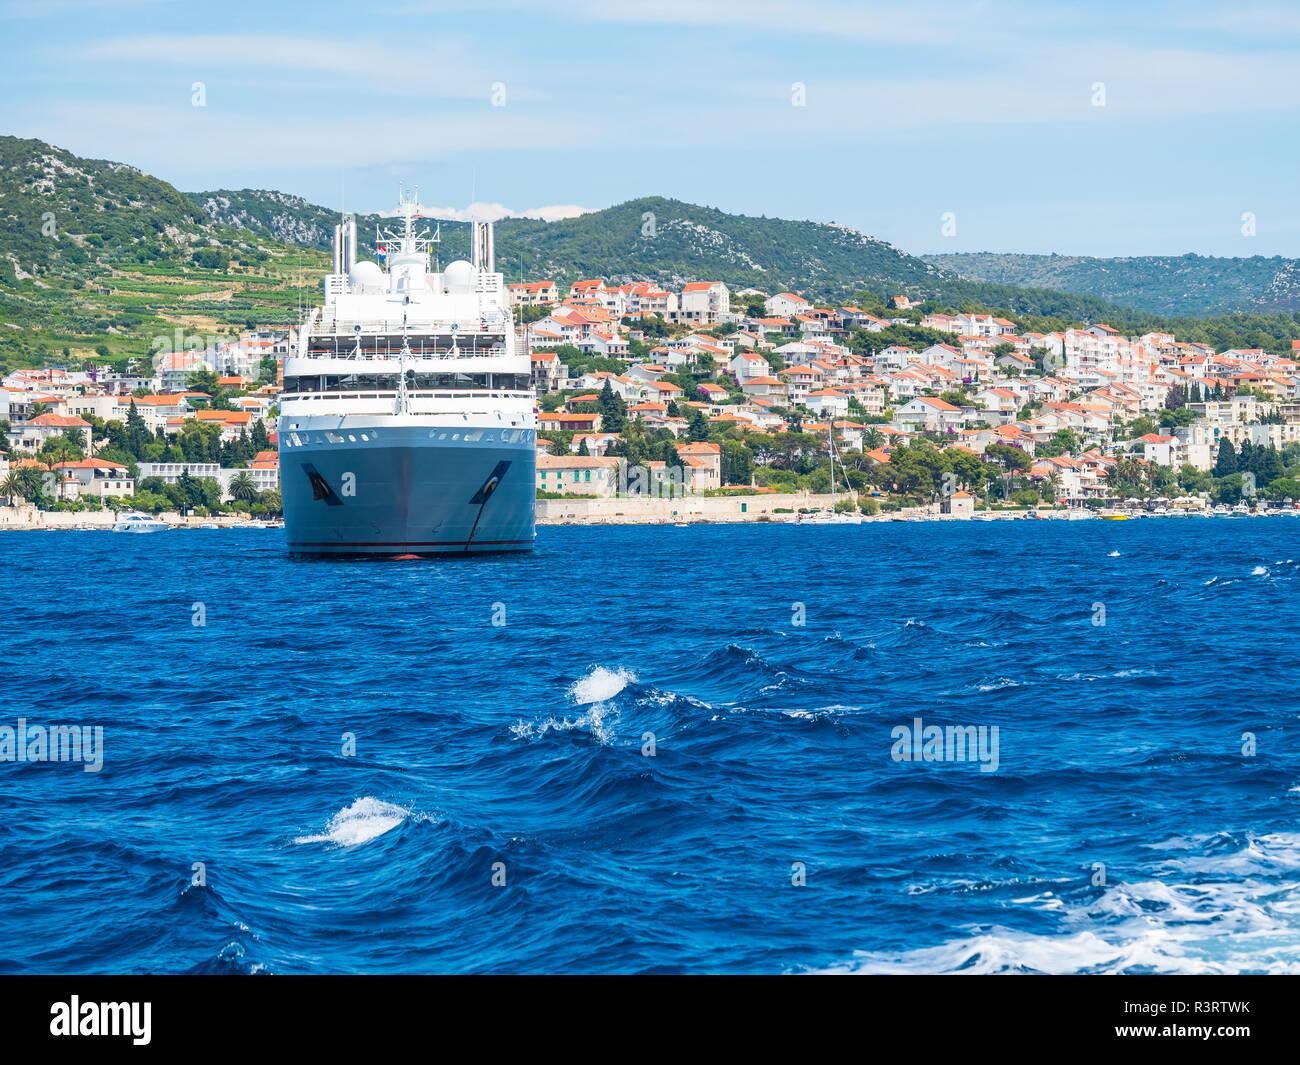 Croatia, Adriatic coast, Dalmatia, Murvica, Cruise liner - Stock Image